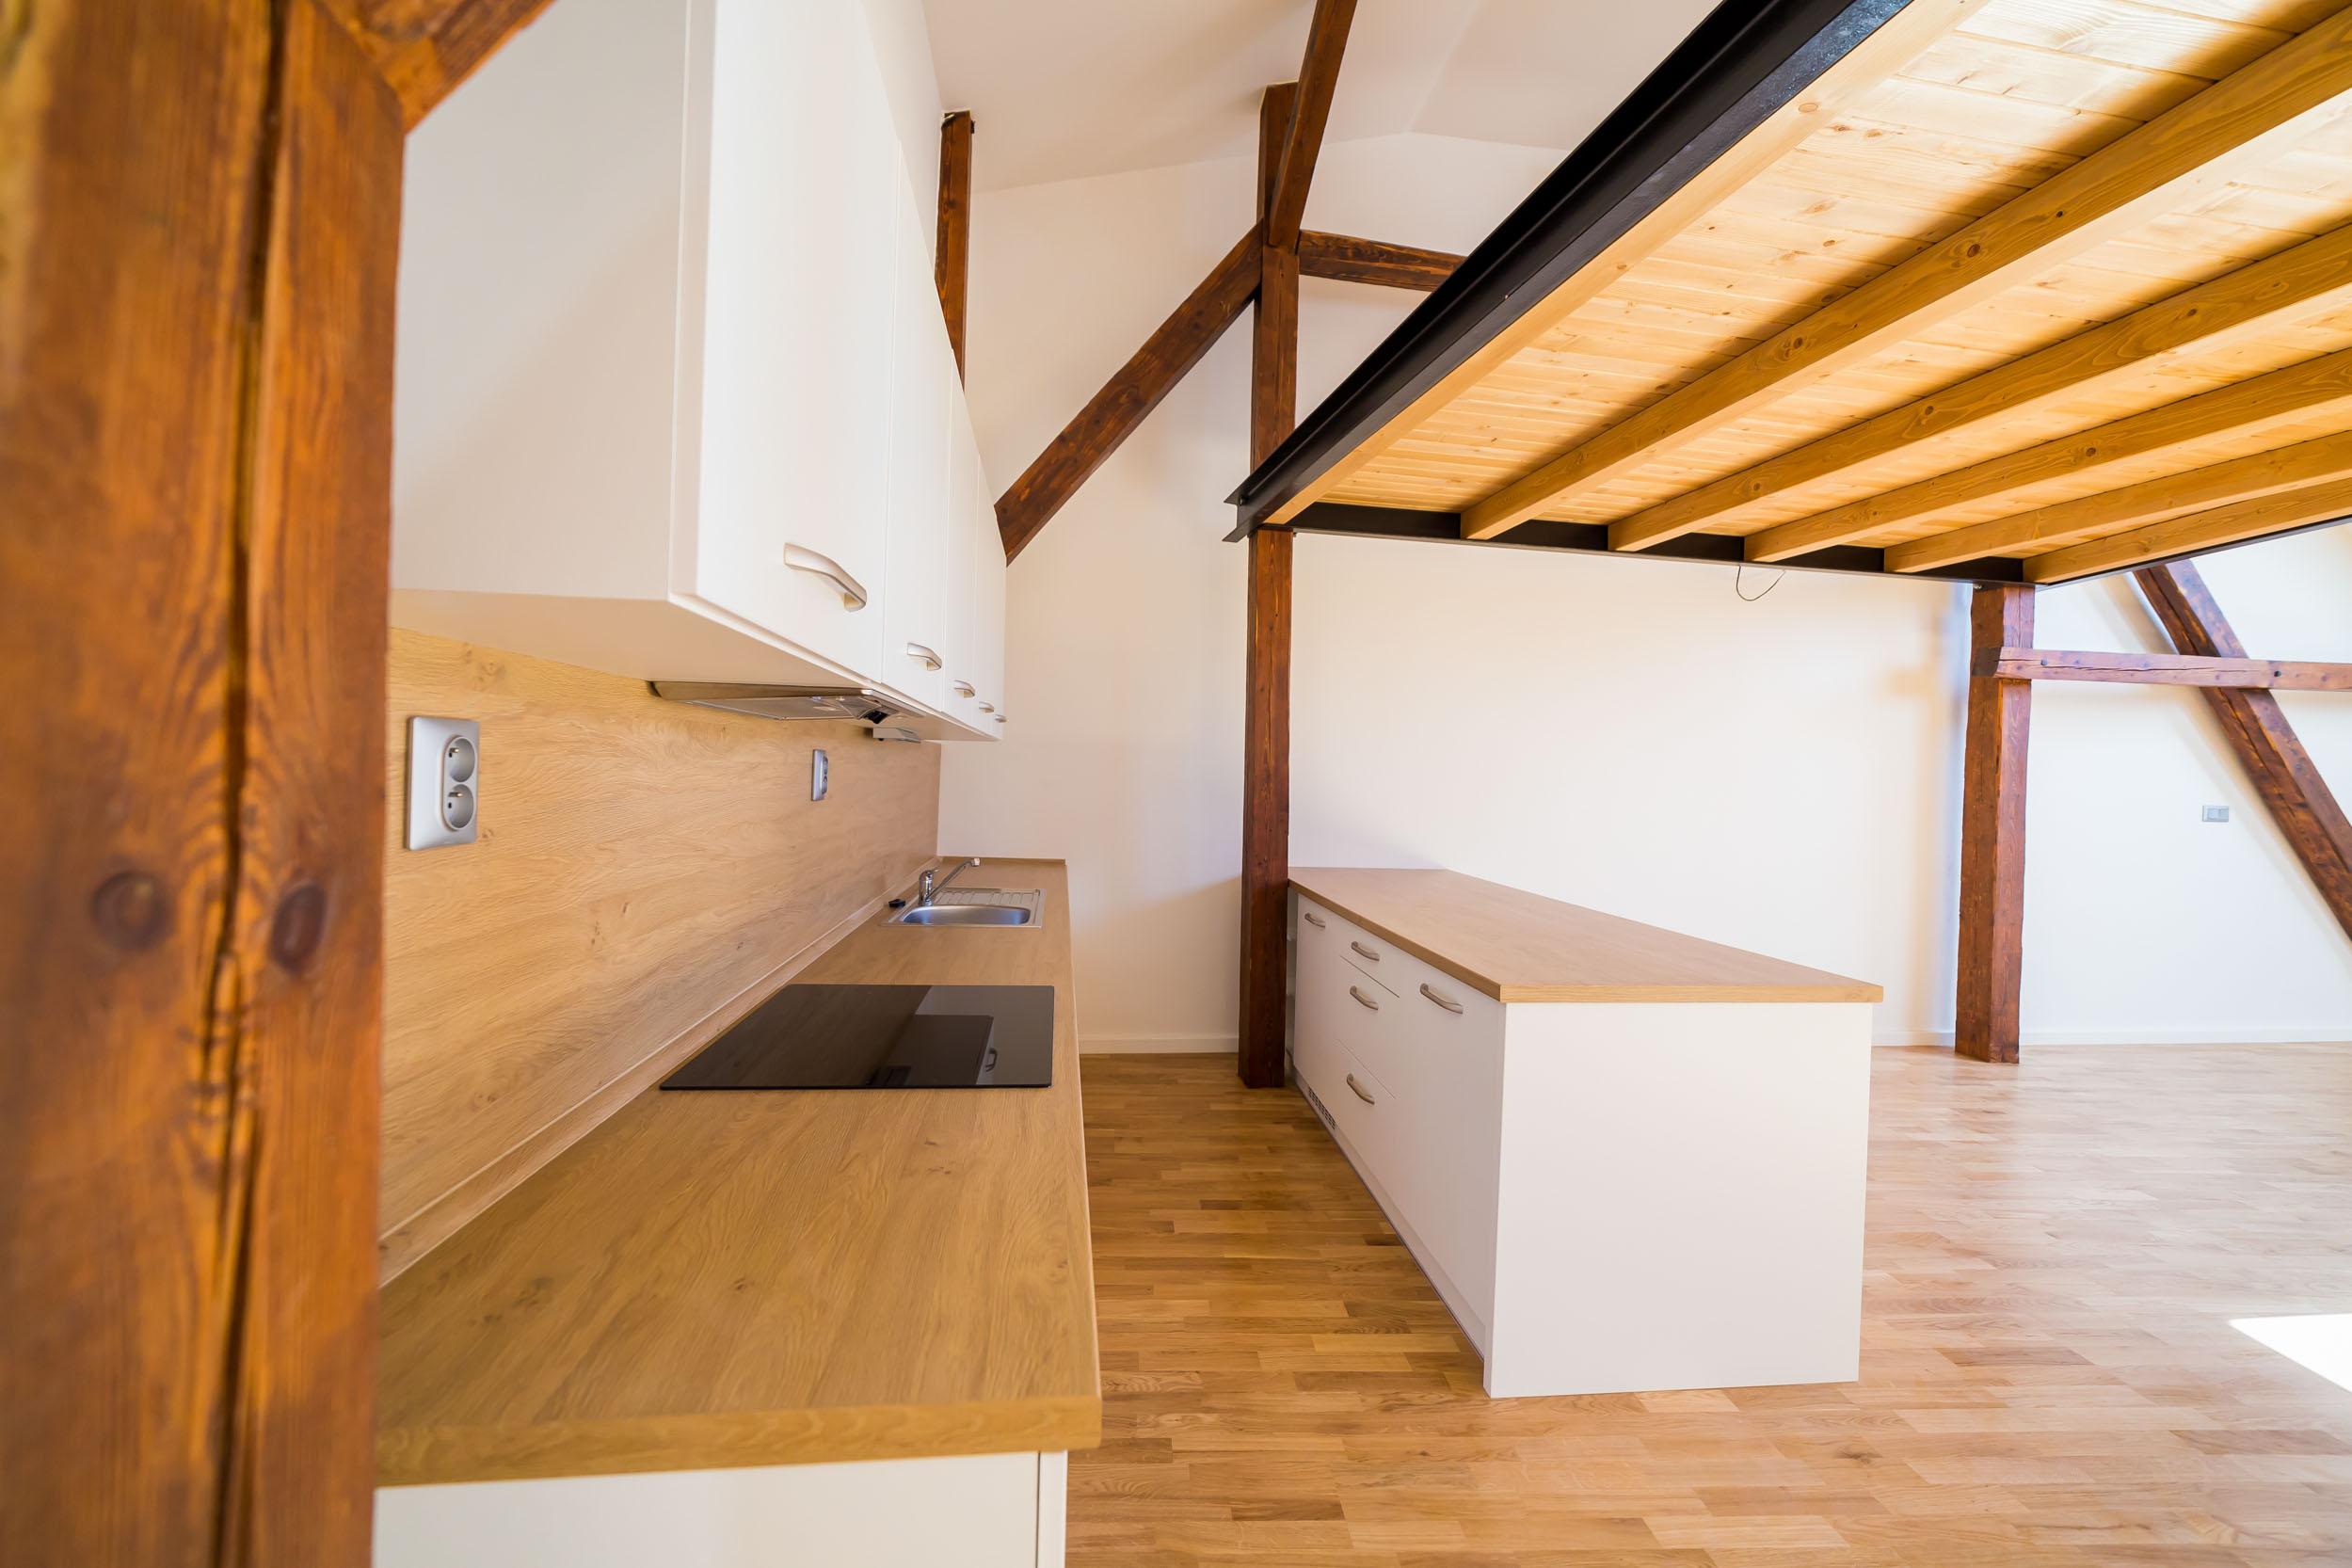 opava reality kuchynska linka skrinka tram zasuvka drevena podlaha varna deska drez baterie